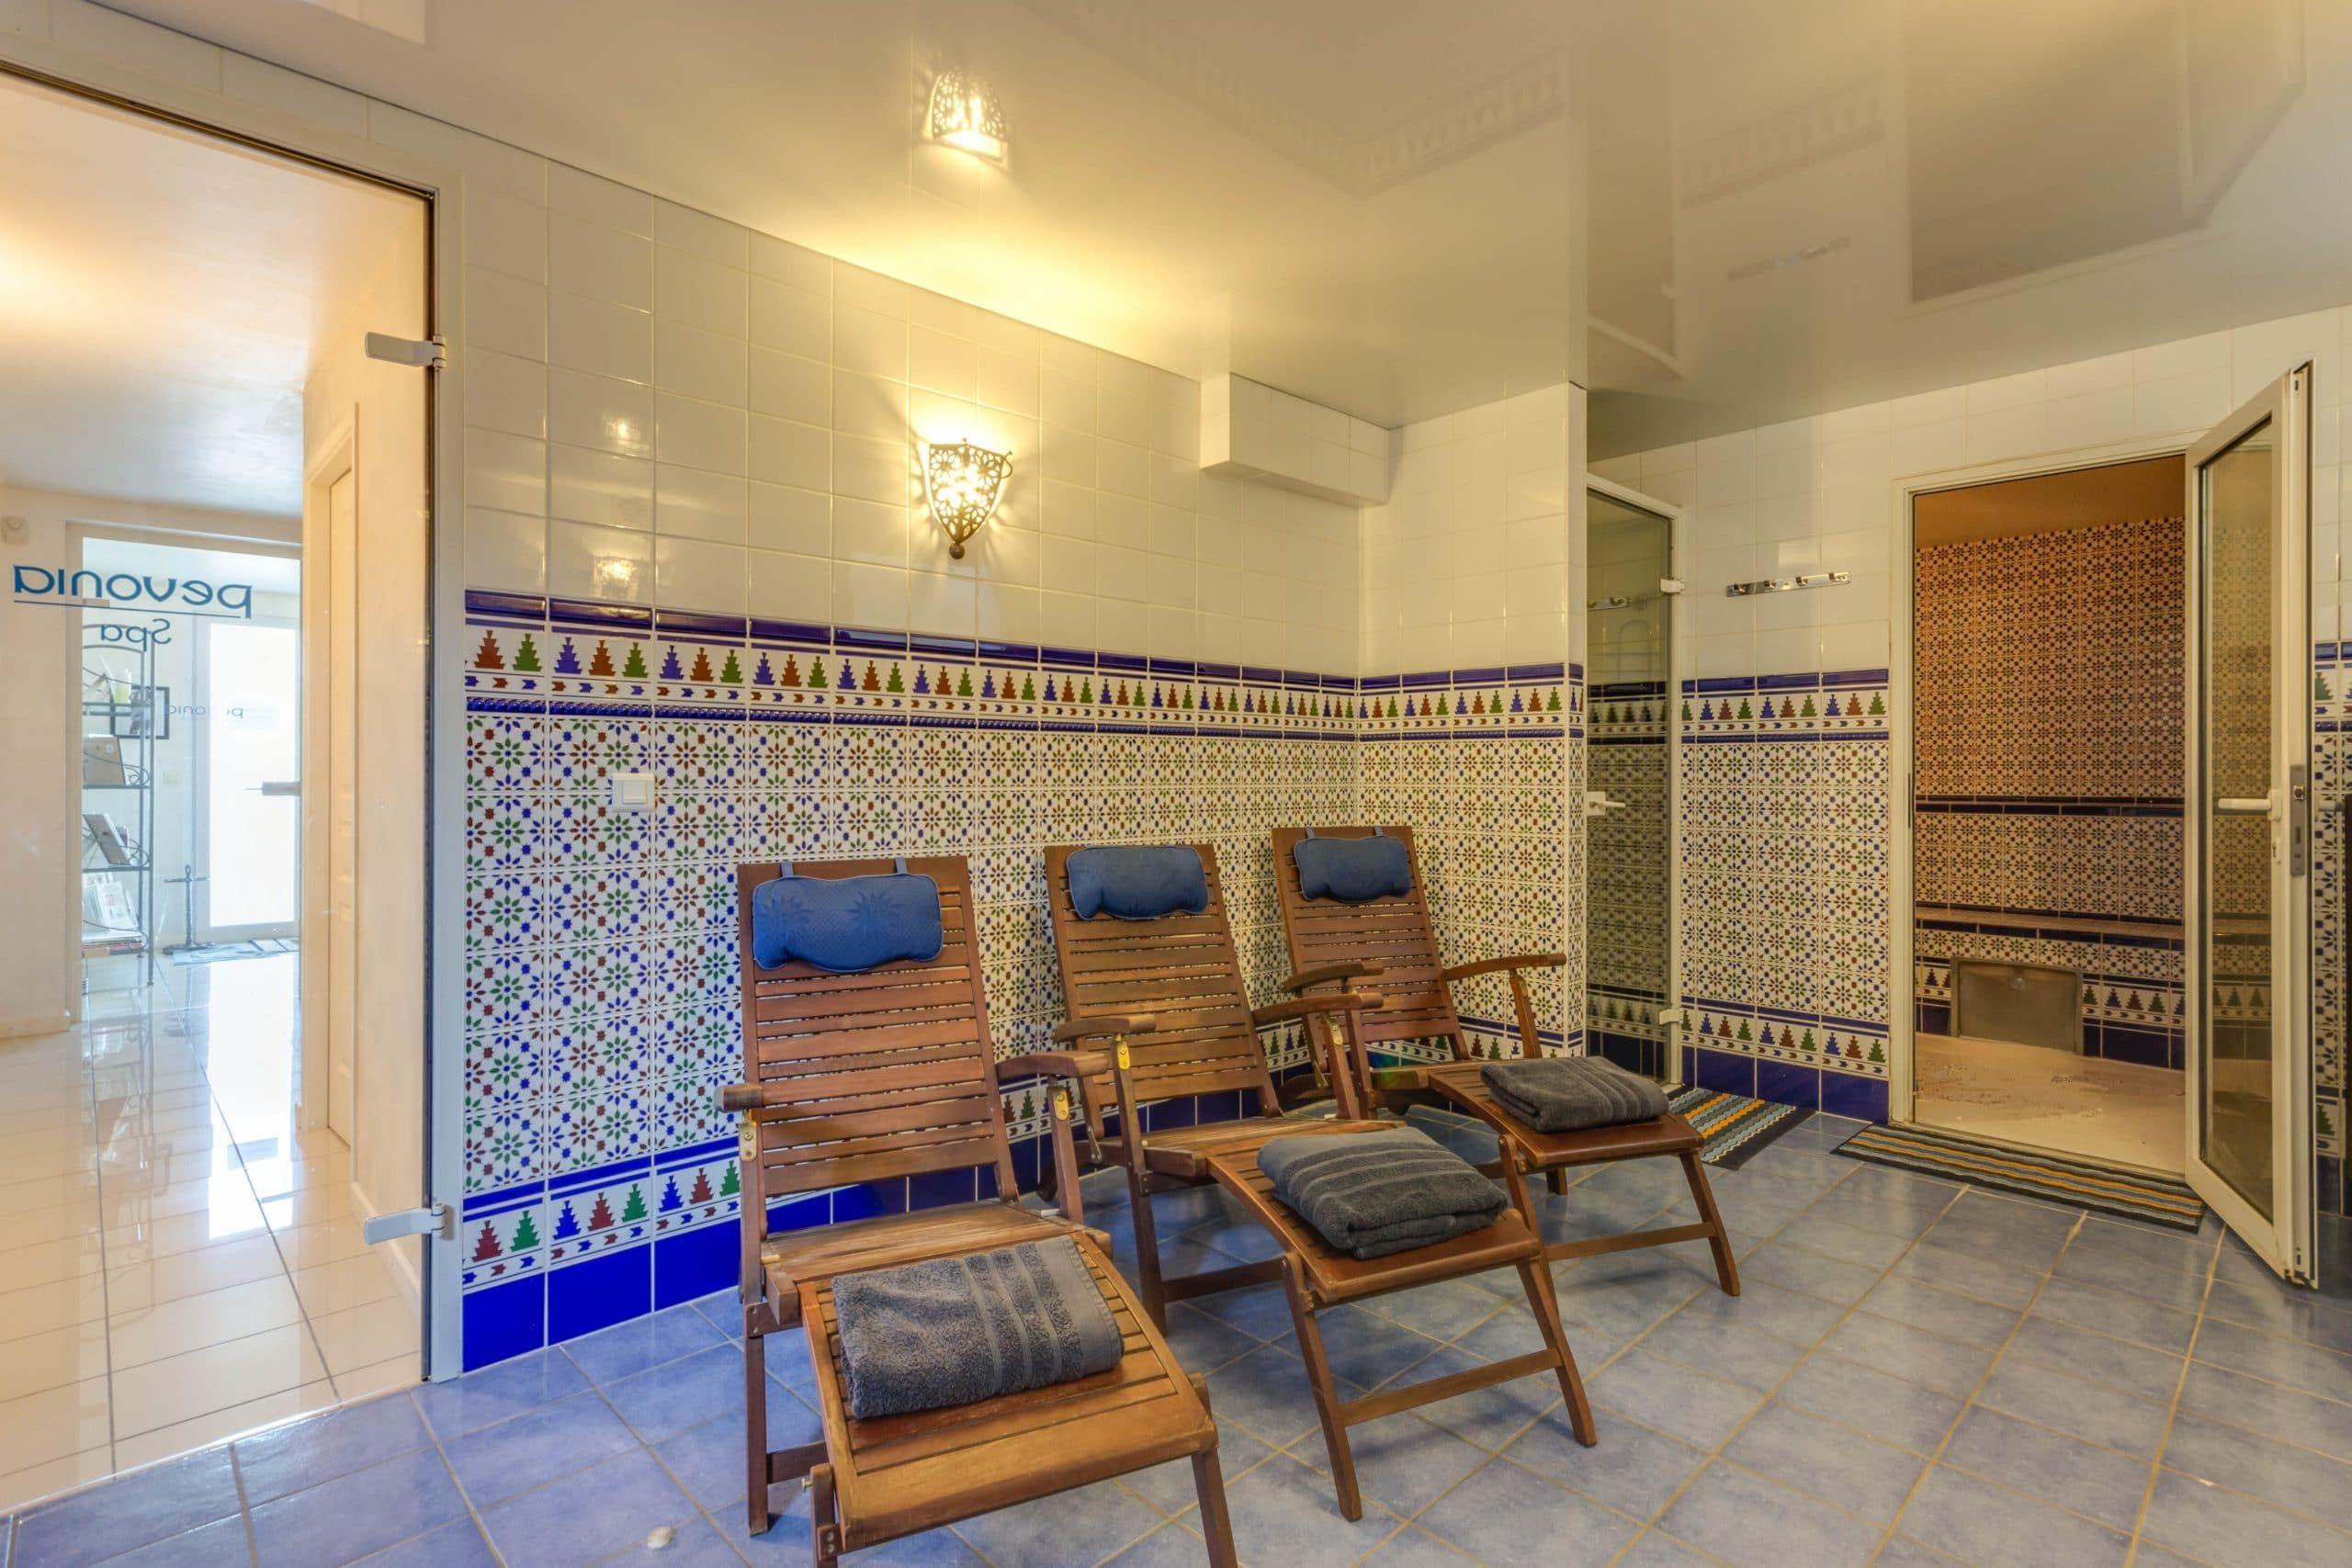 Maison En Bois Annecy annecy – maison ossature bois de 273 m² avec piscine